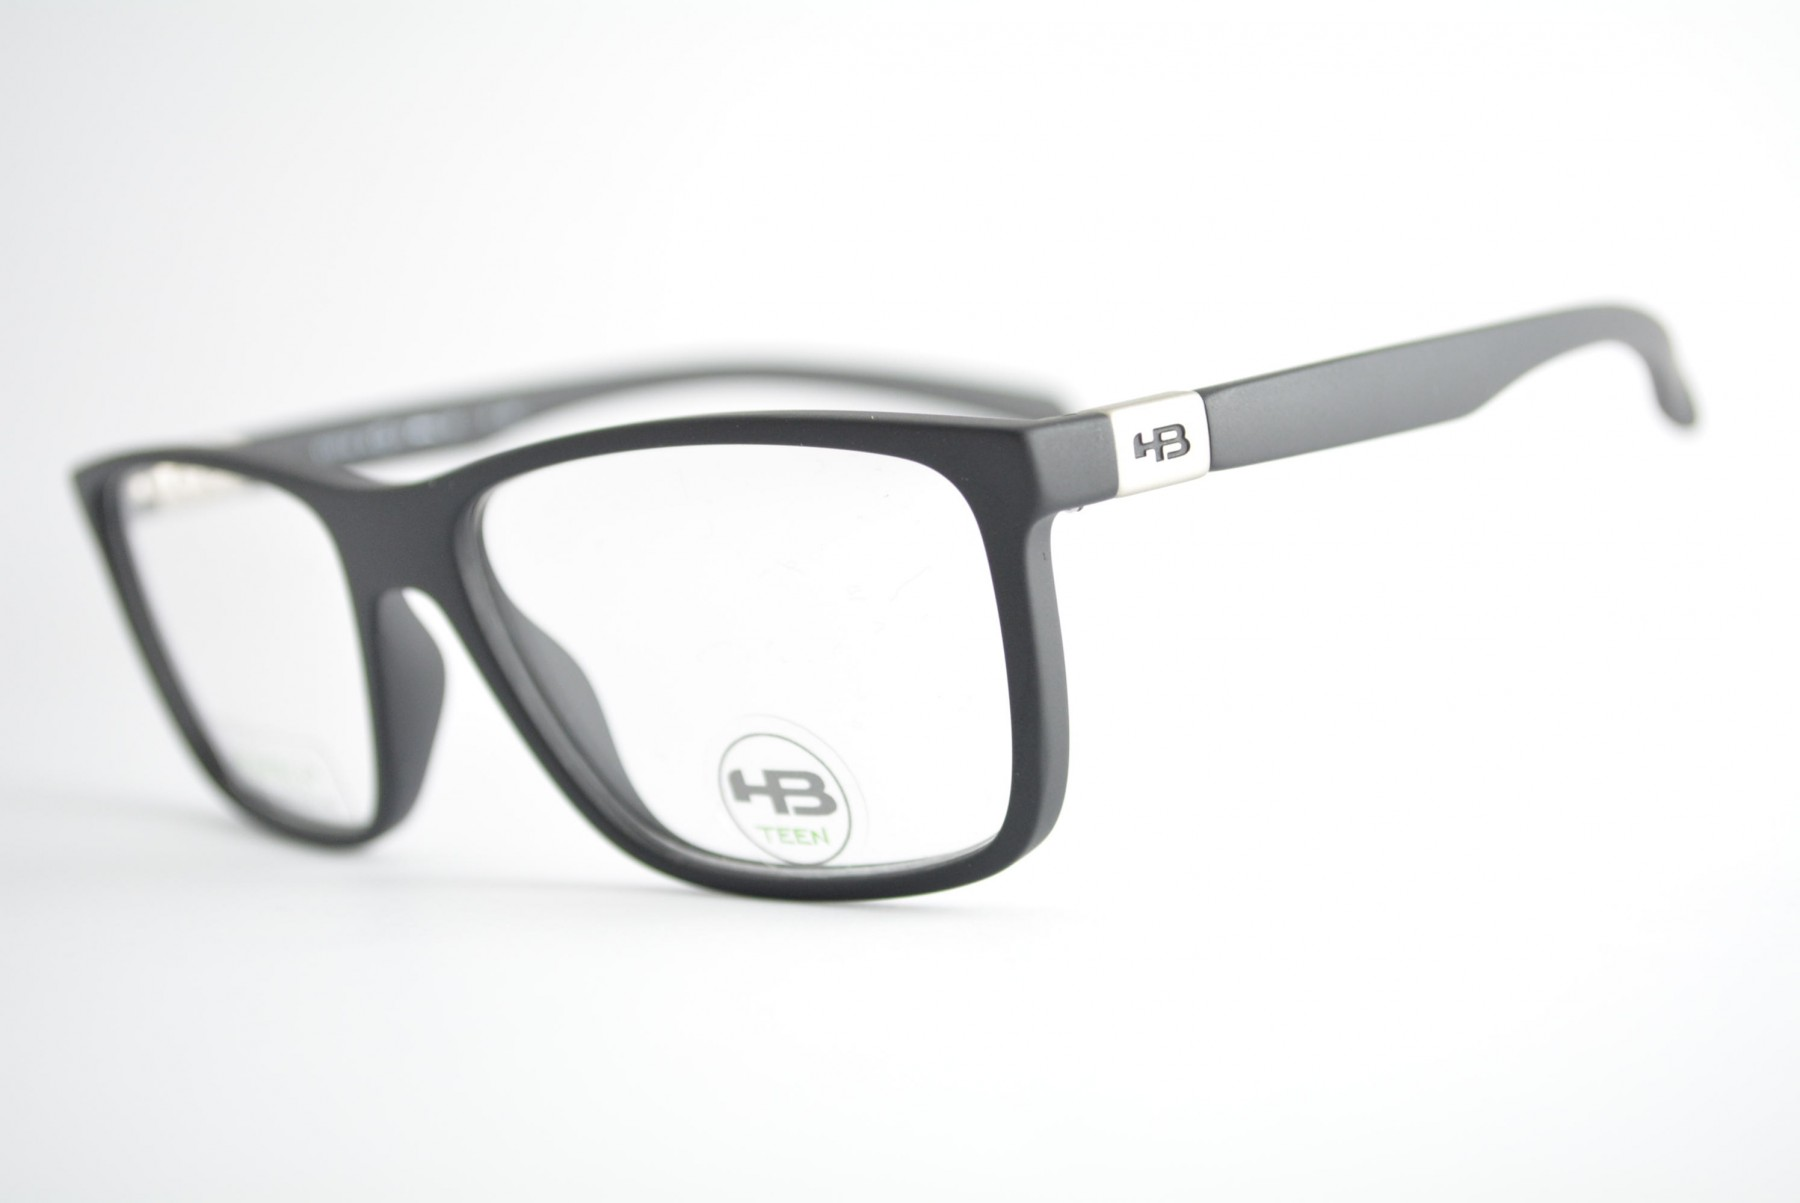 armação de óculos HB Teen mod m93146 c001. Código  m93146 c001 1104afd7a9